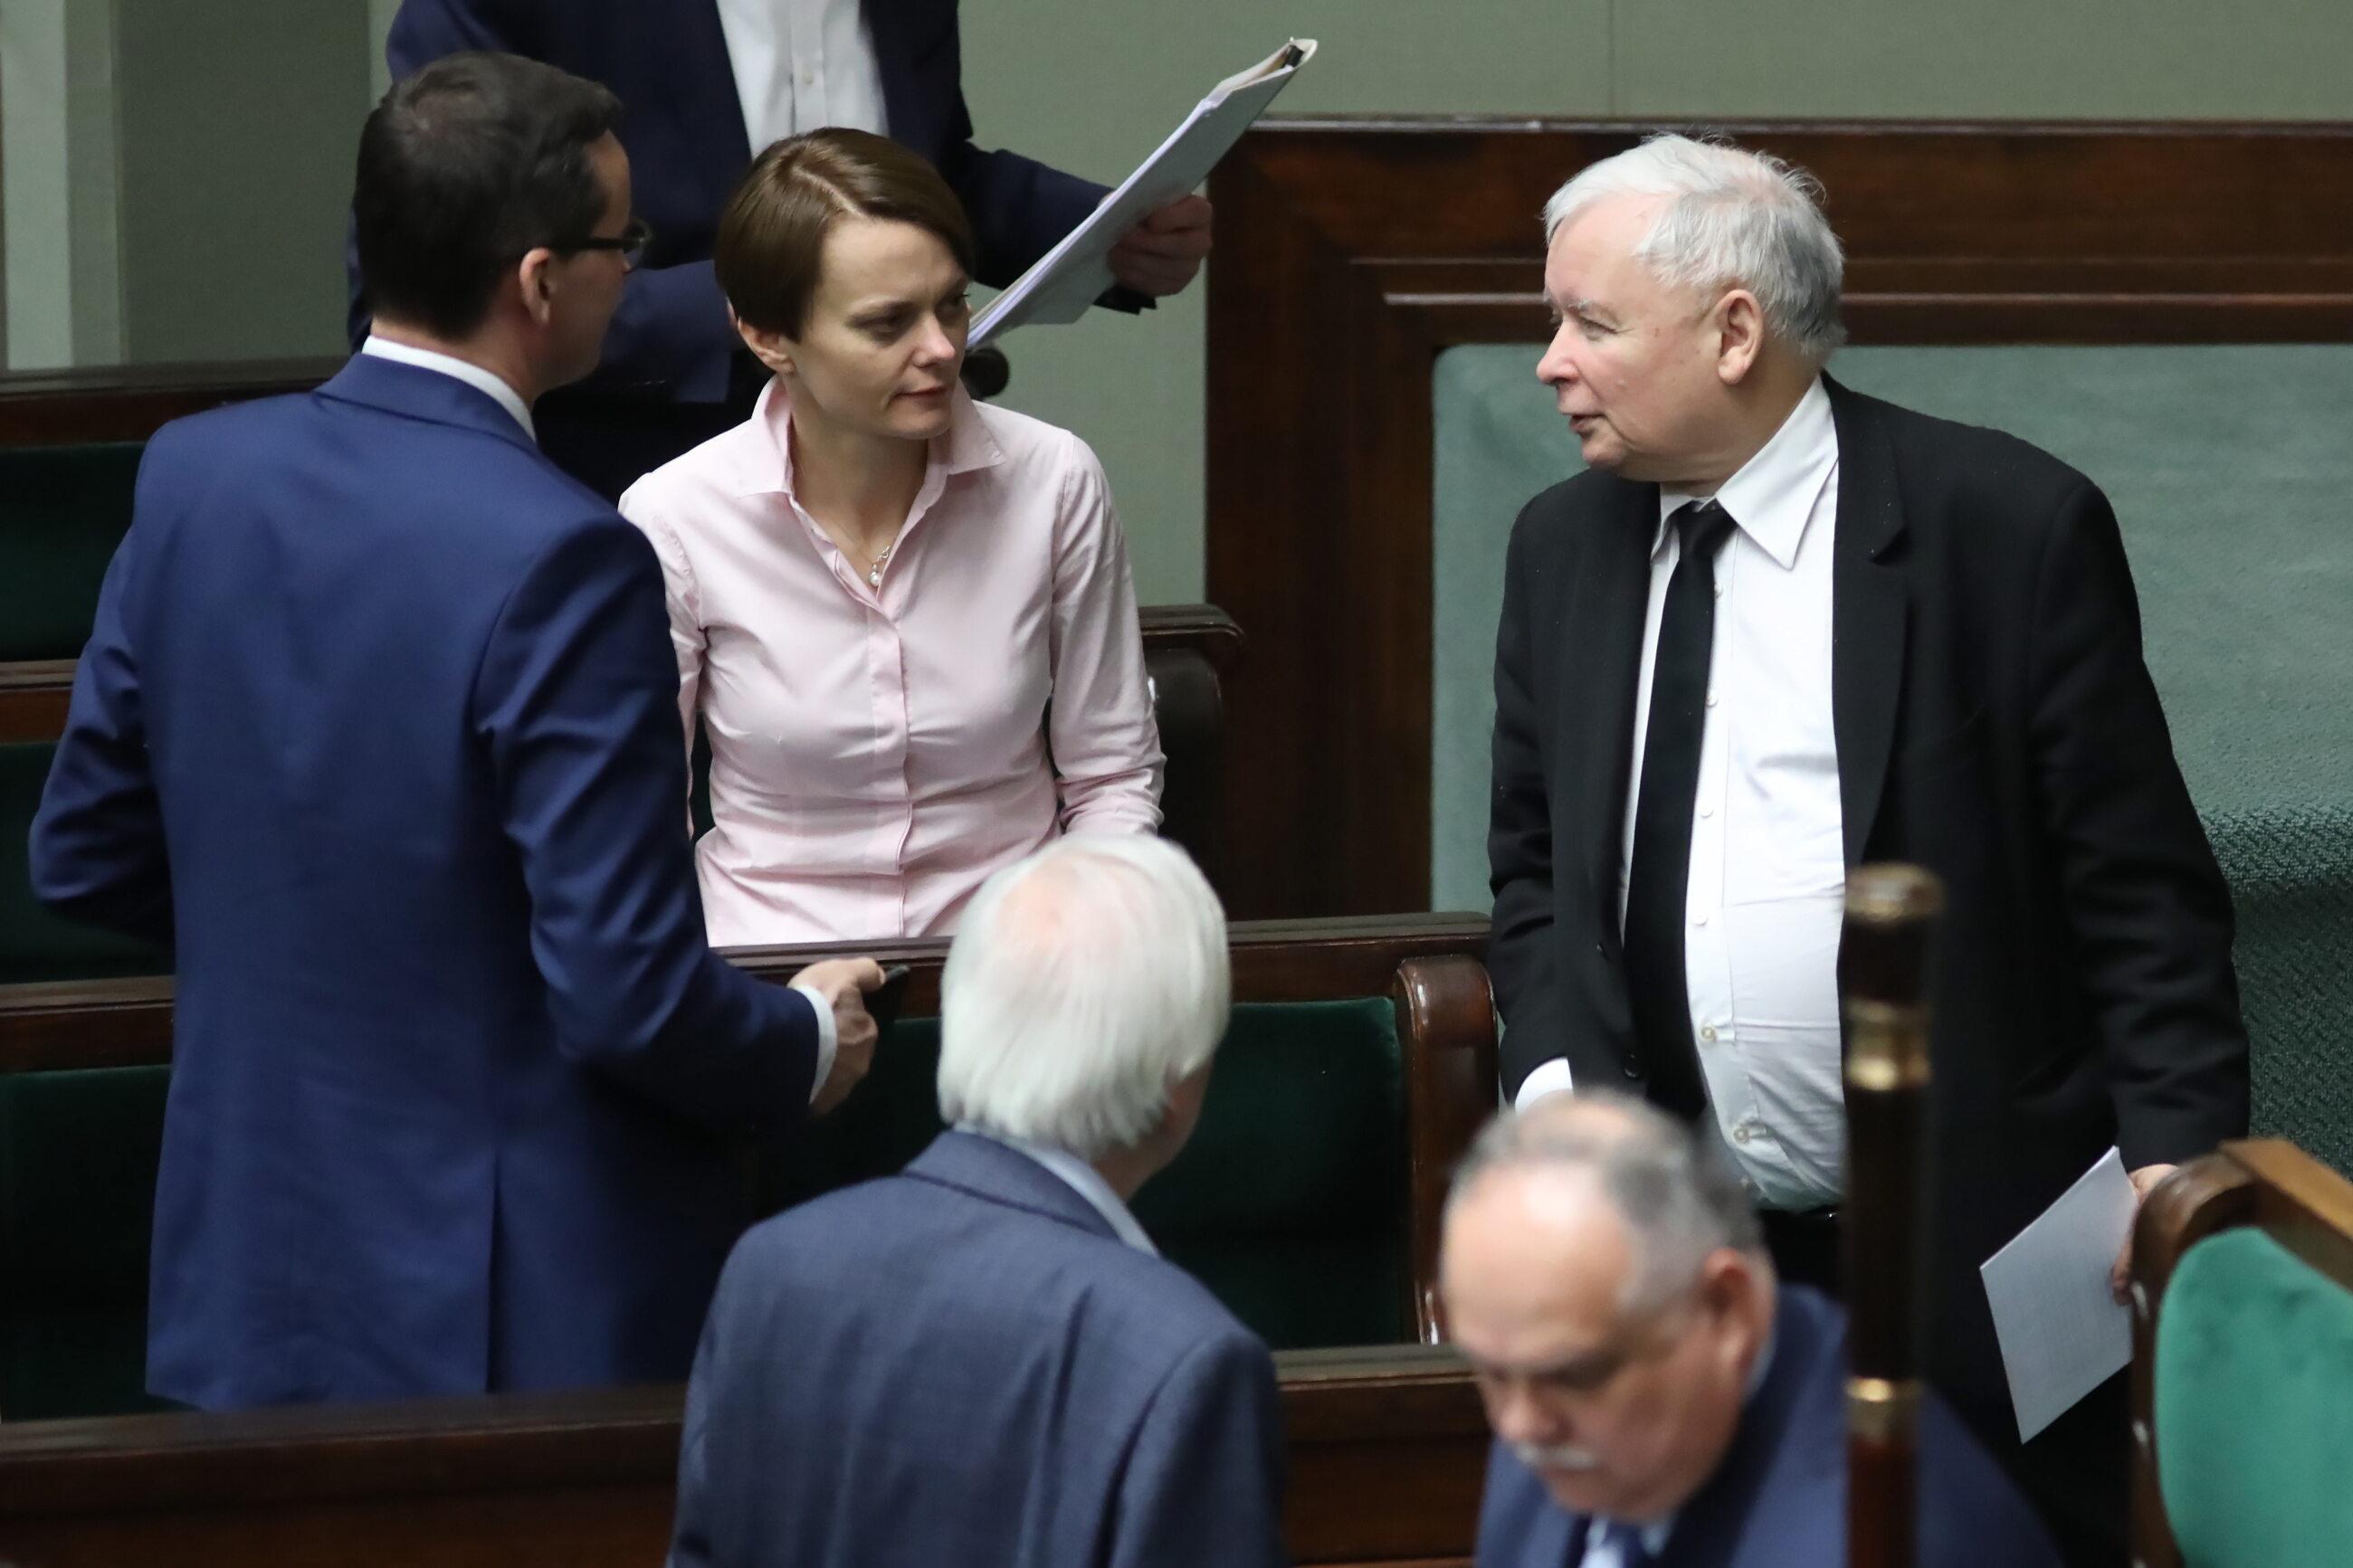 Od lewej: Mateusz Morawiecki, Jadwiga Emilewicz i Jarosław Kaczyński w Sejmie